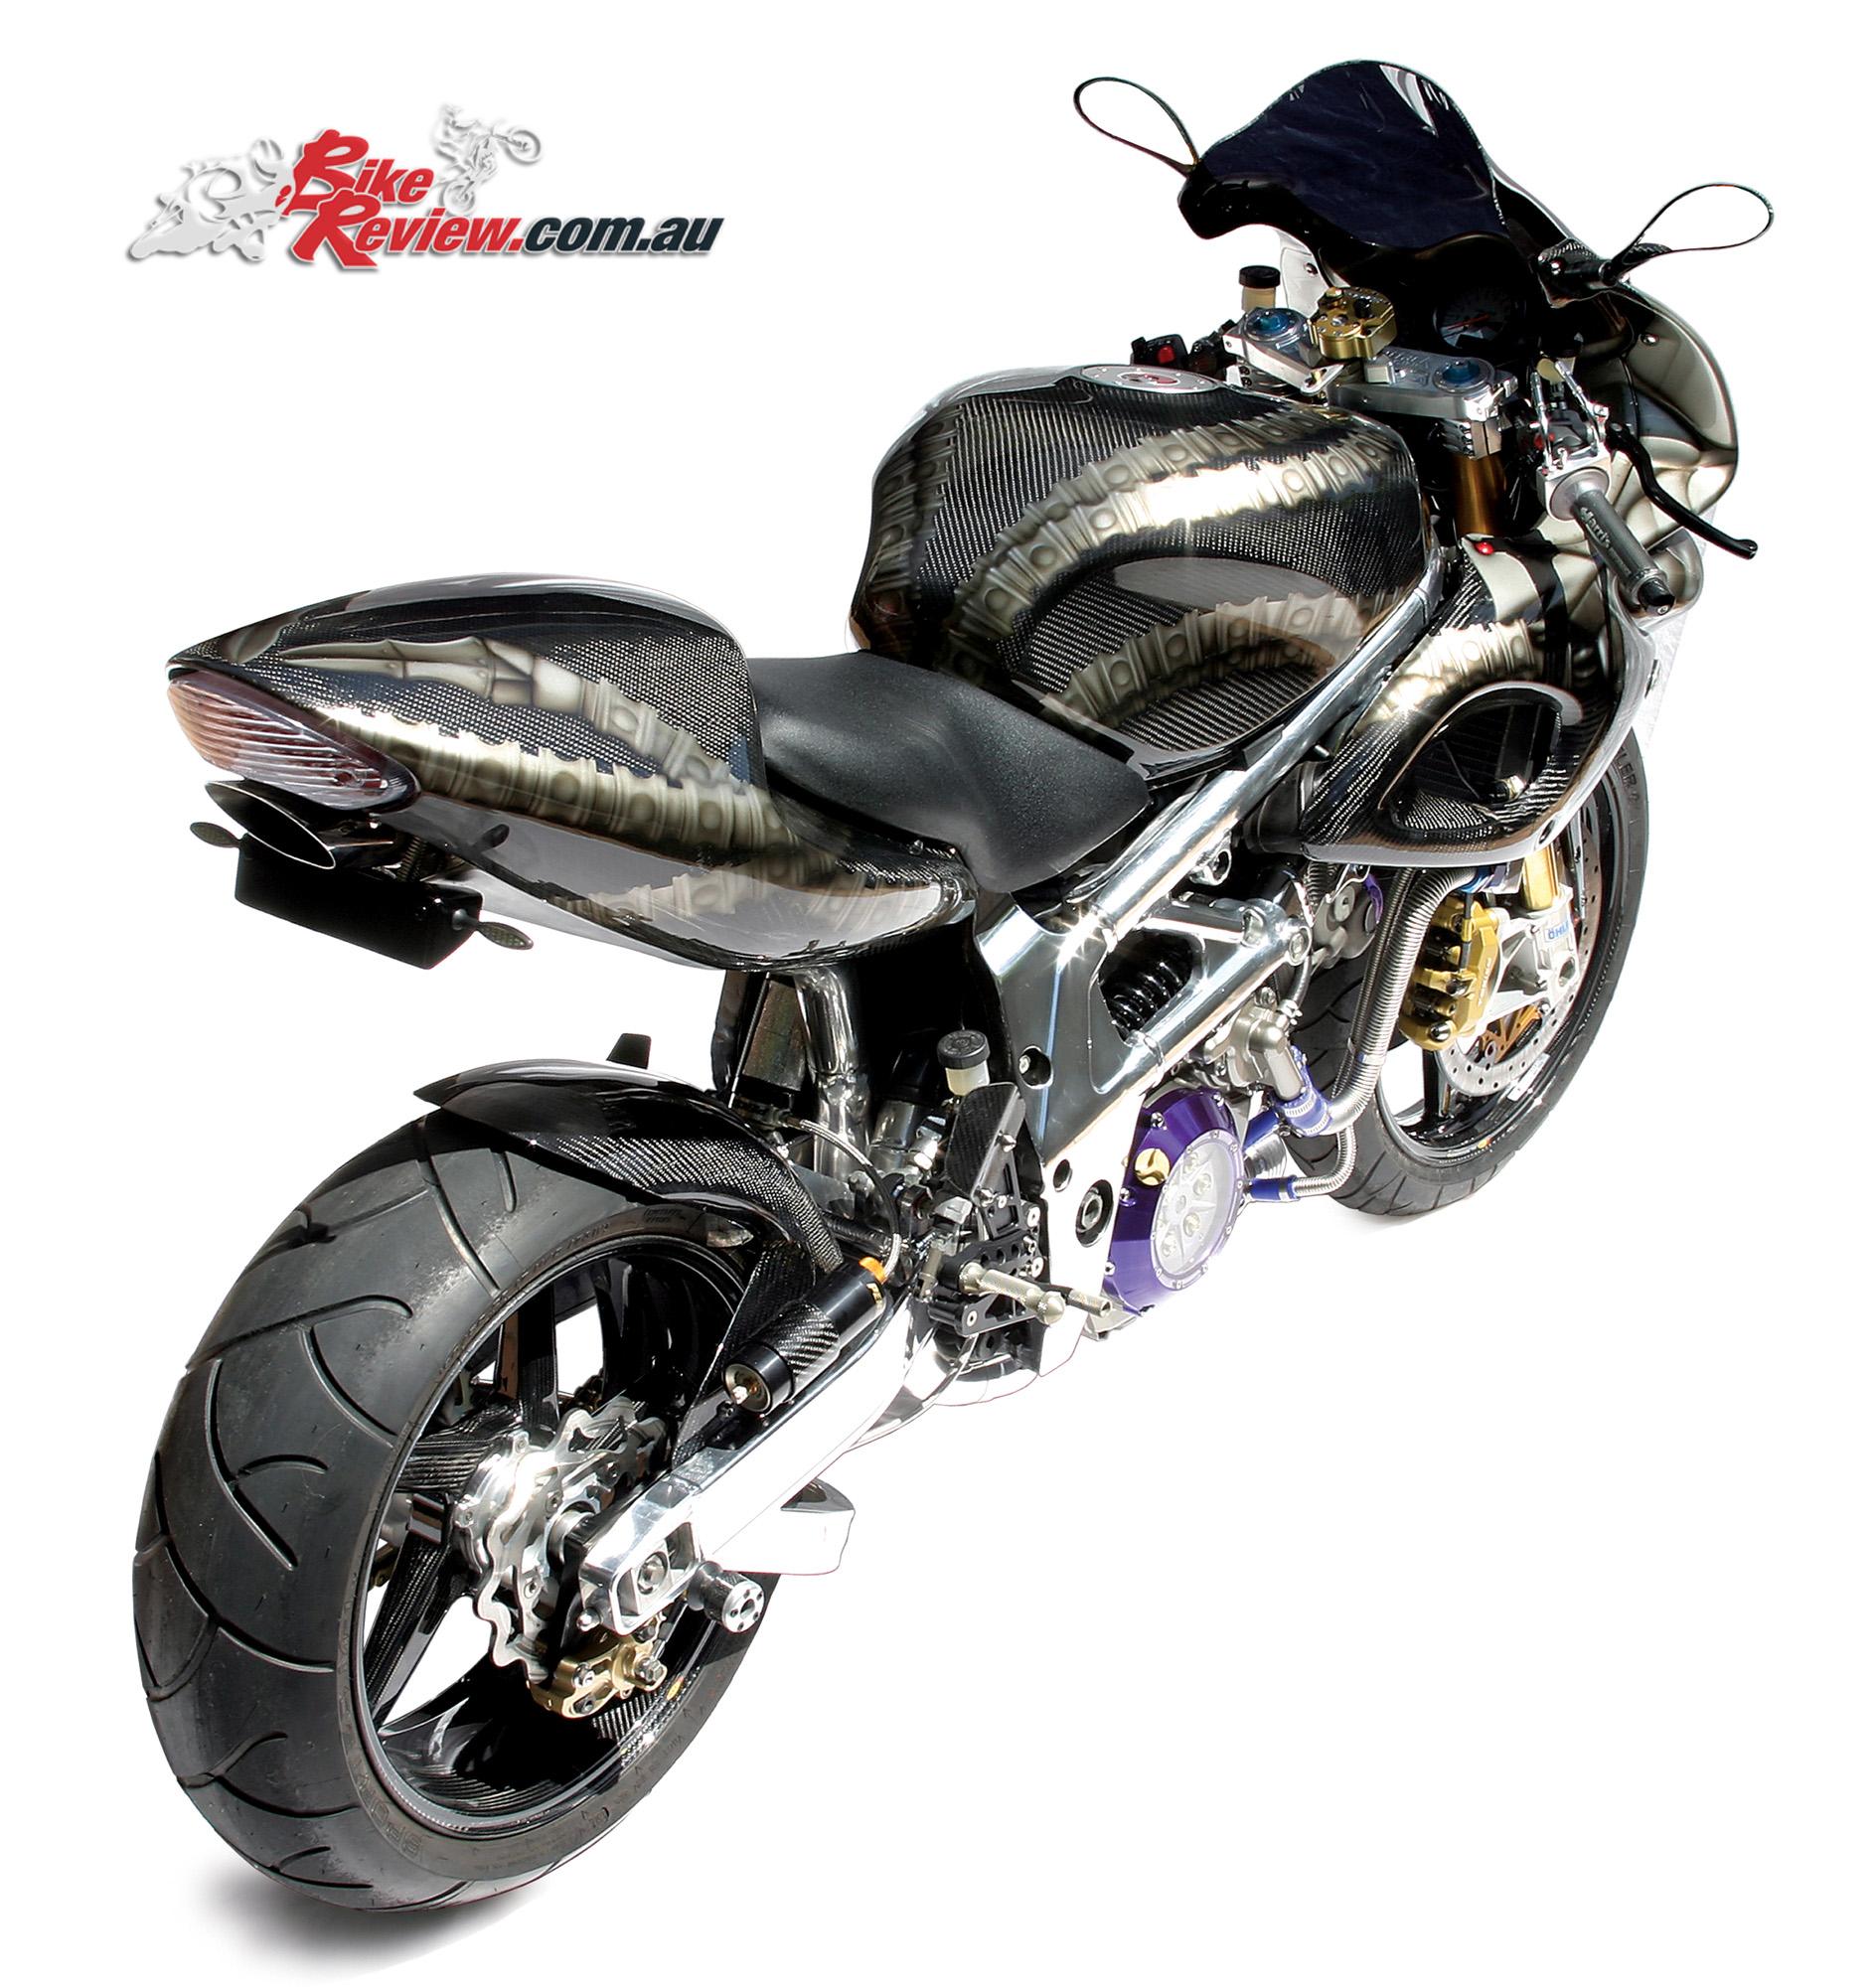 Custom Suzuki Tl1000s Sentinel Bike Review